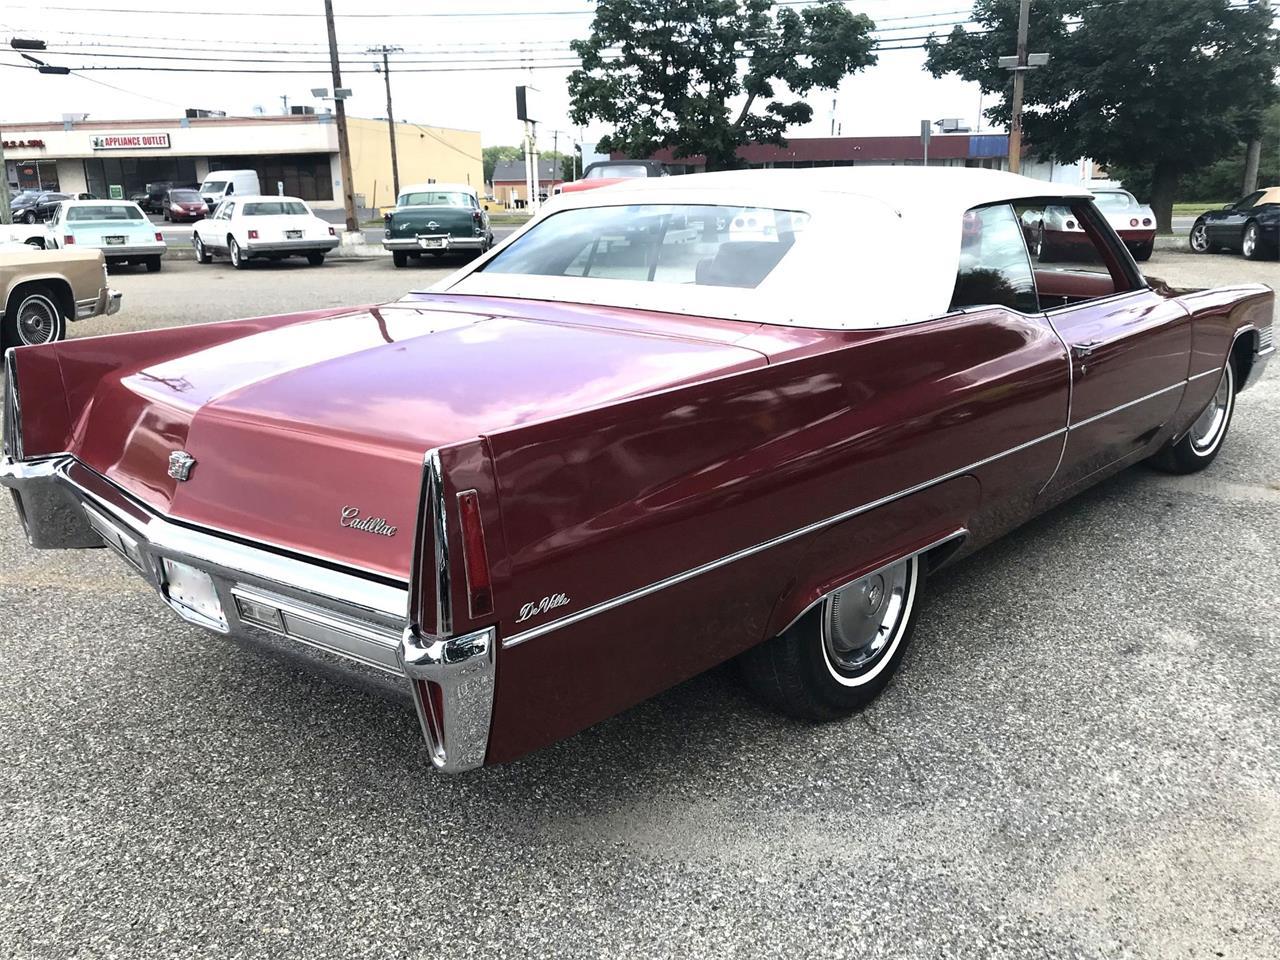 1970 Cadillac DeVille for sale in Stratford, NJ ...